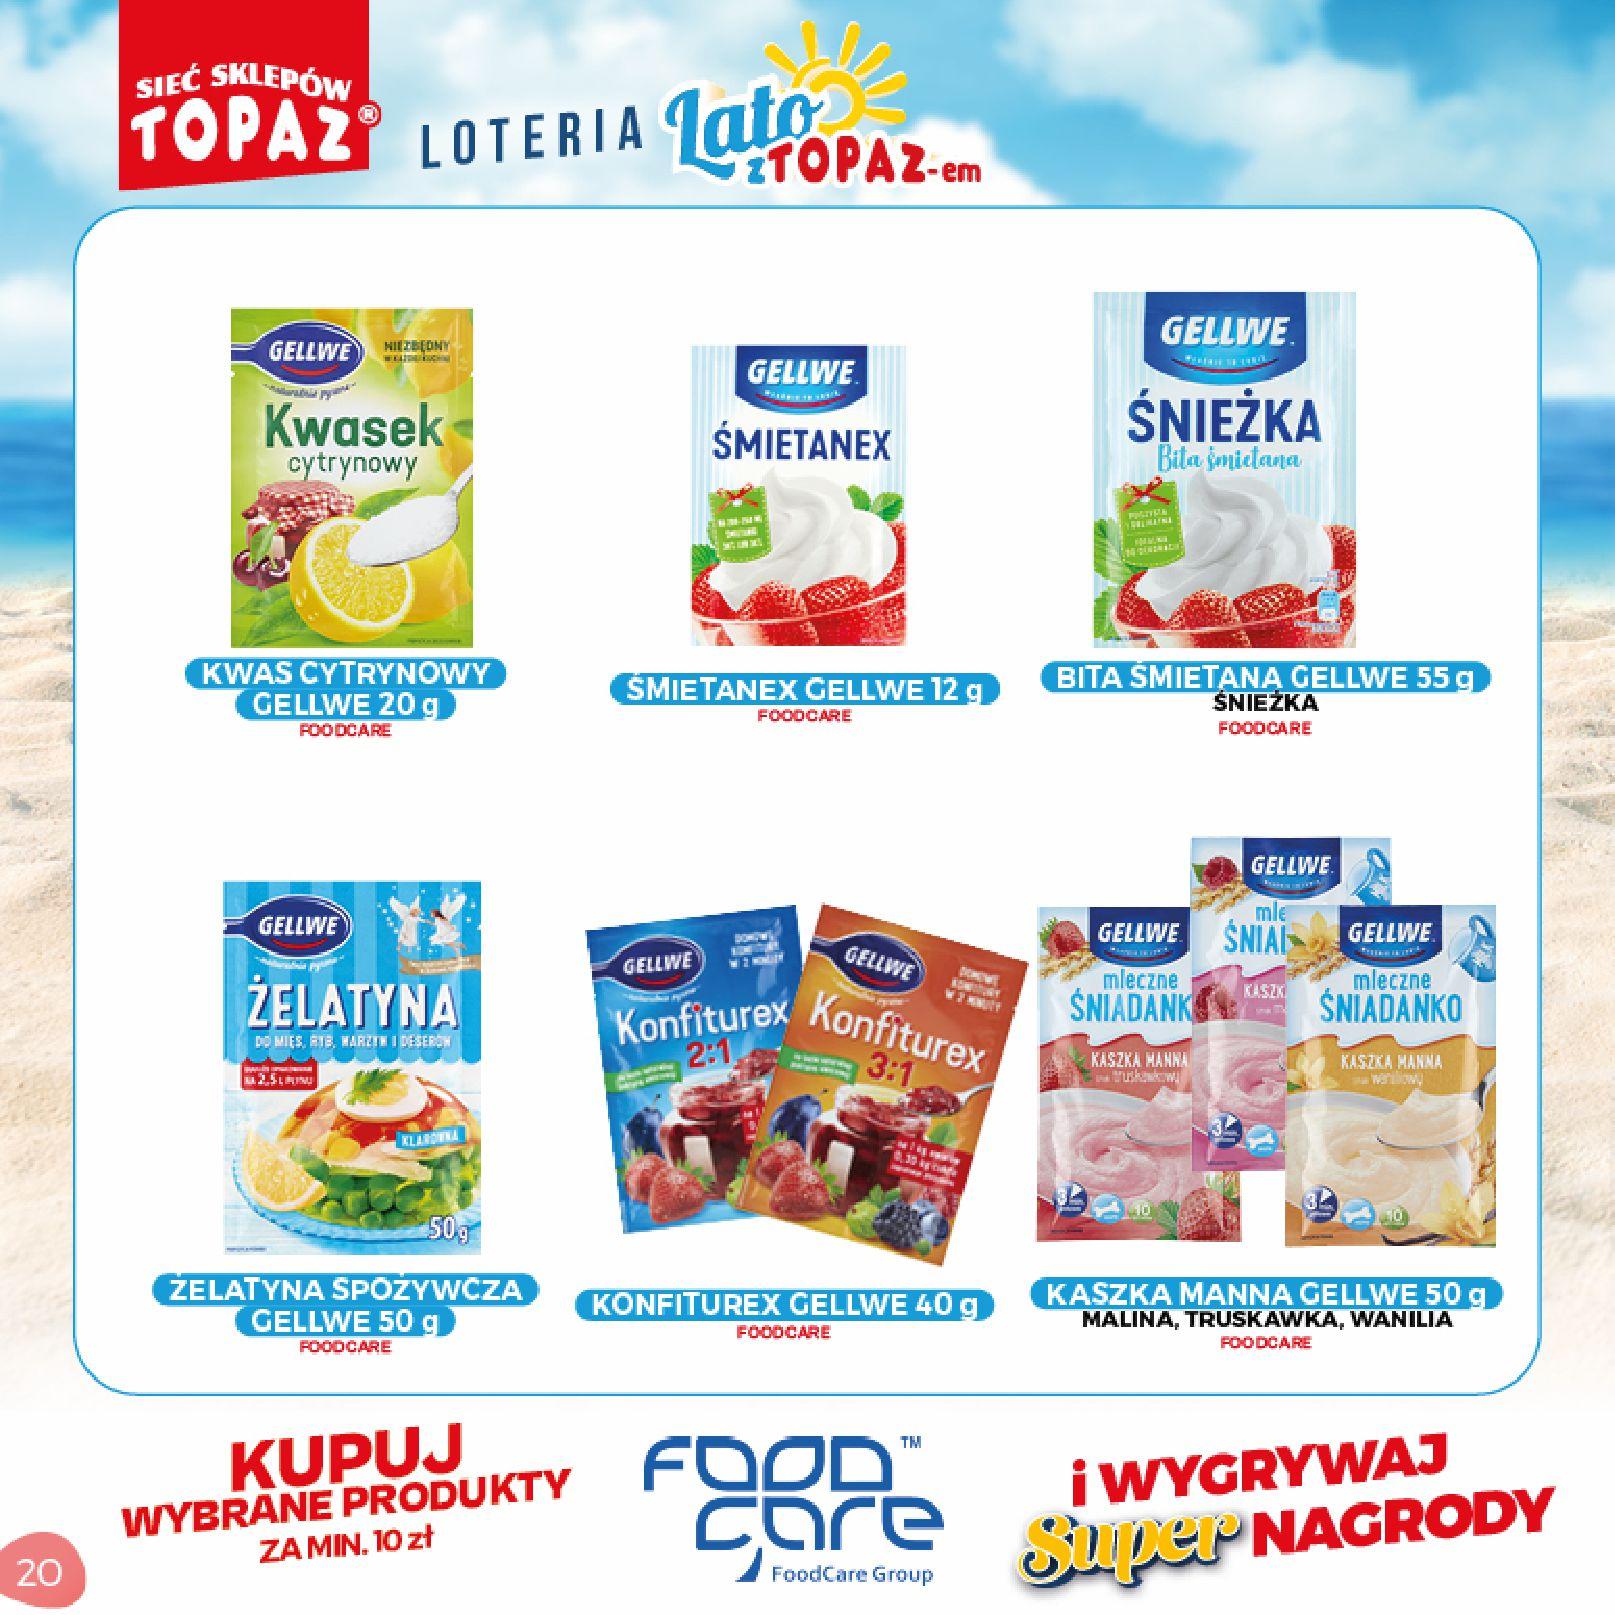 Gazetka TOPAZ: Gazetka TOPAZ - Loteria 2021-07-05 page-20